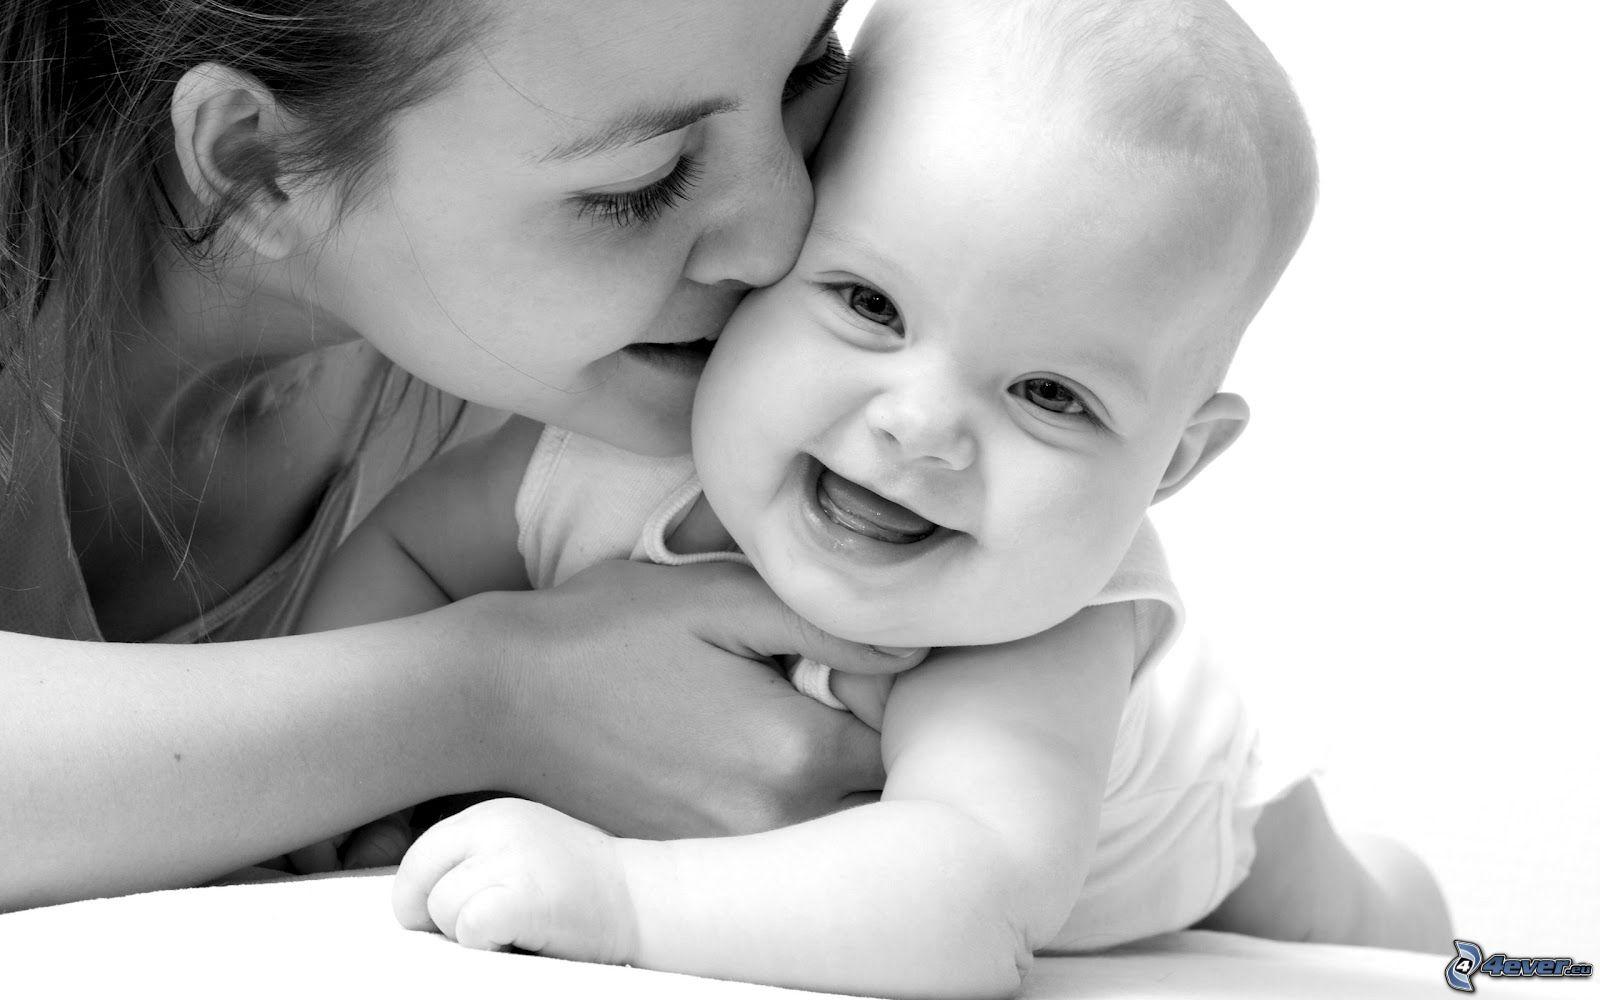 La présence d'une mère aux côtés de son bébé est cruciale